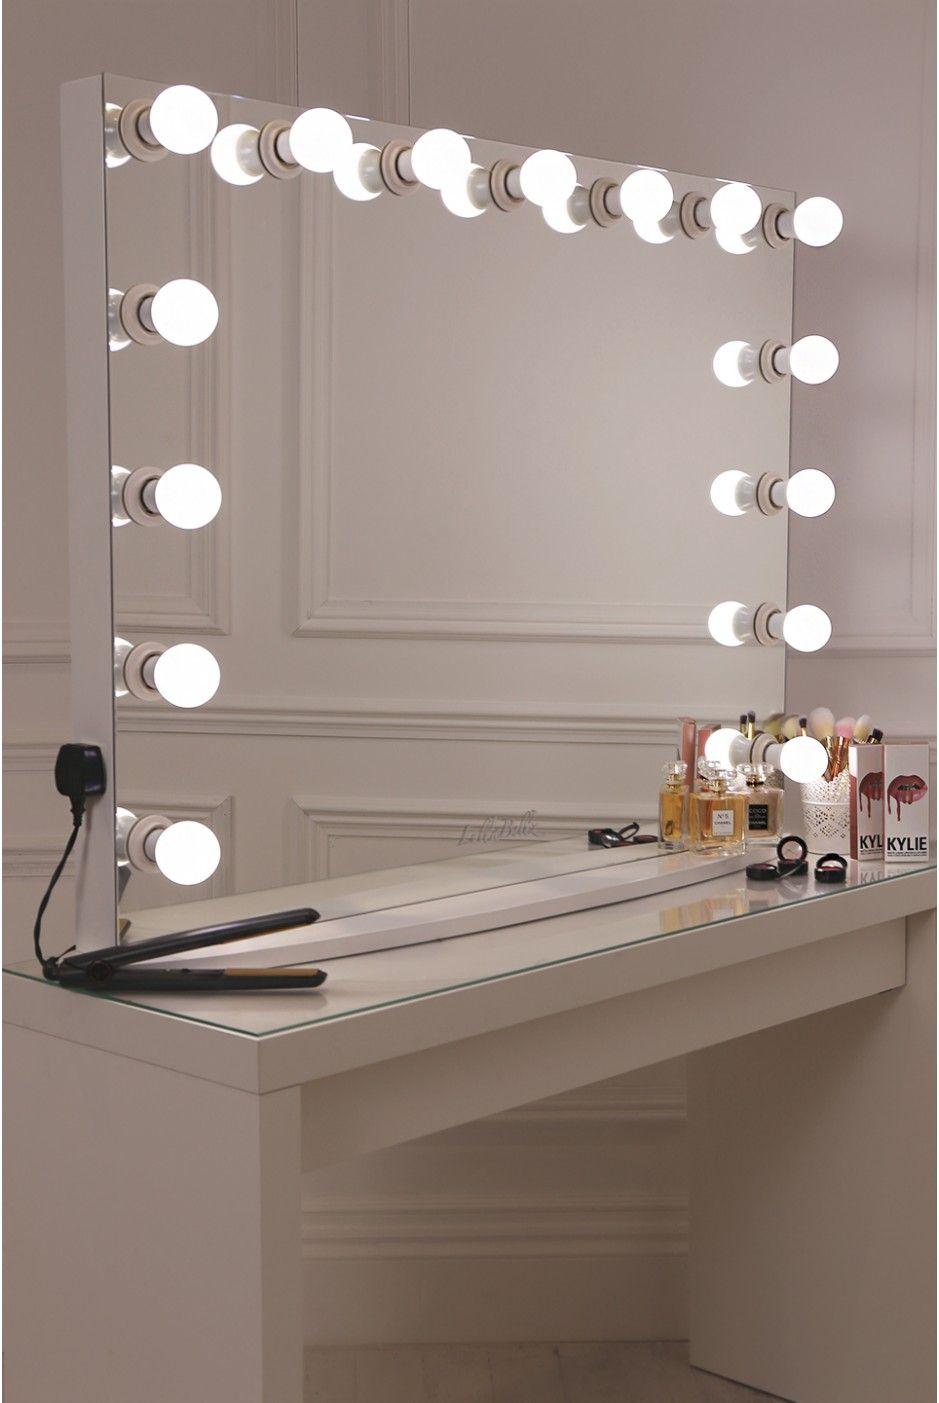 Lullabellz Hollywood Glow Xl Pro Vanity Mirror Kaptafel Ideeen